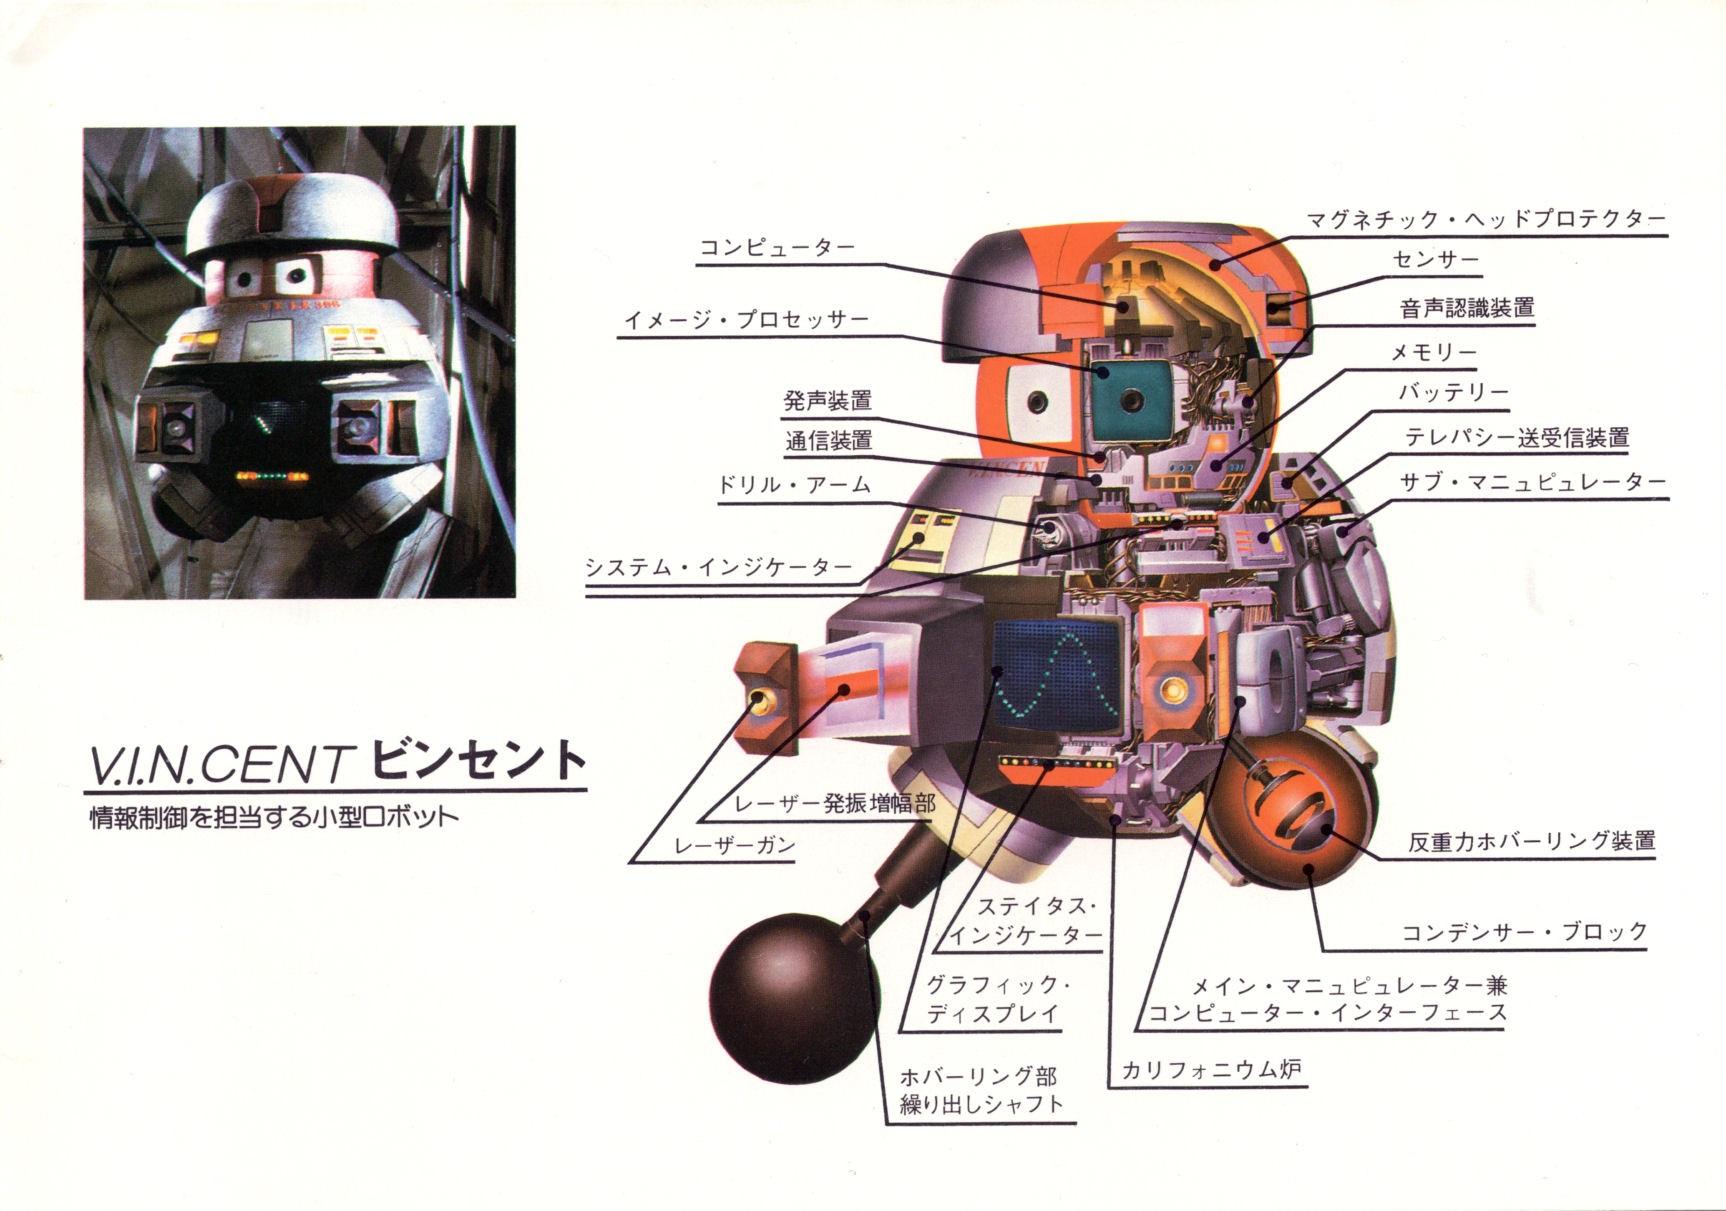 black hole vincent robot - photo #28